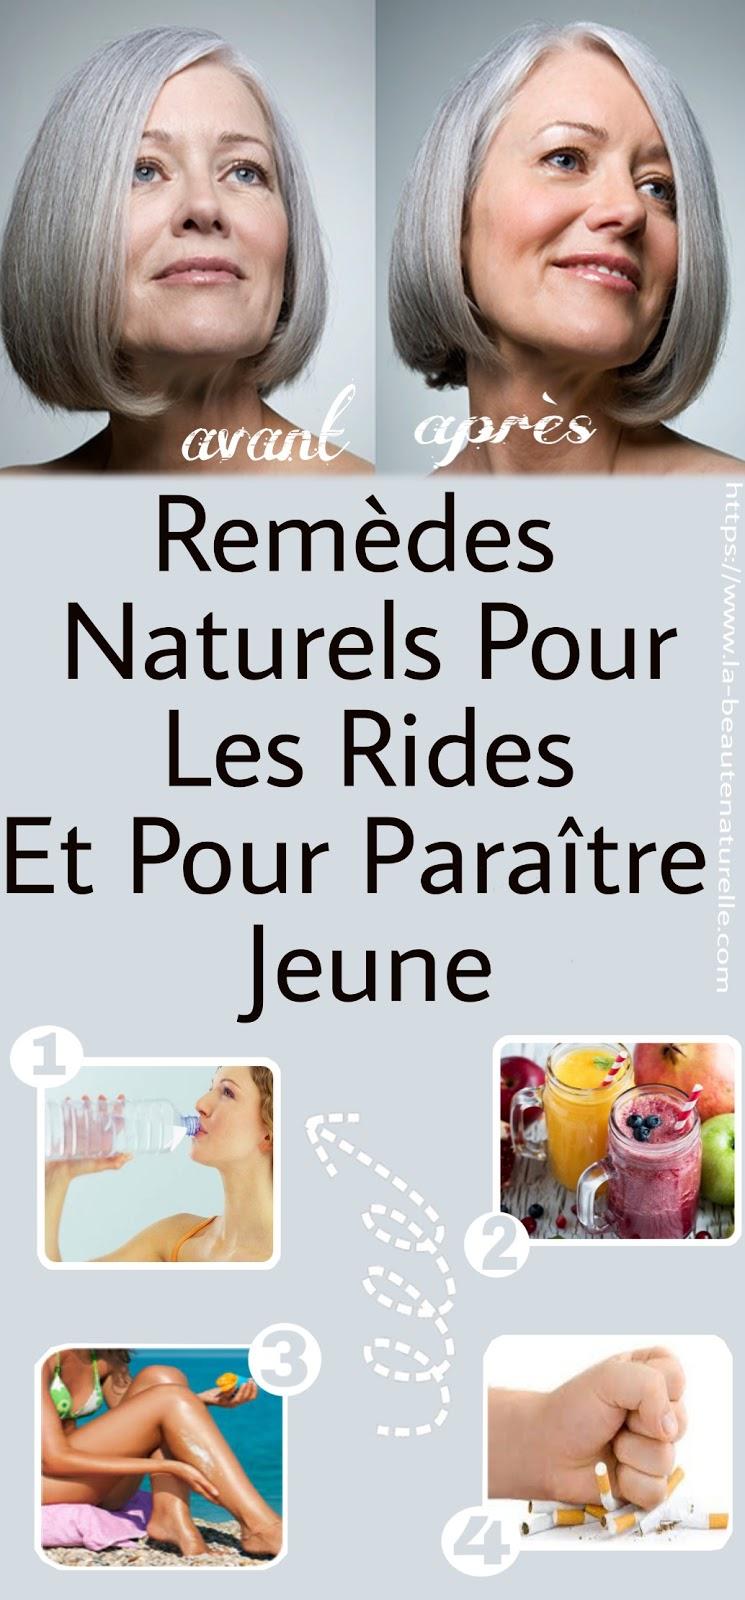 Remèdes Naturels Pour Les Rides Et Pour Paraître Jeune